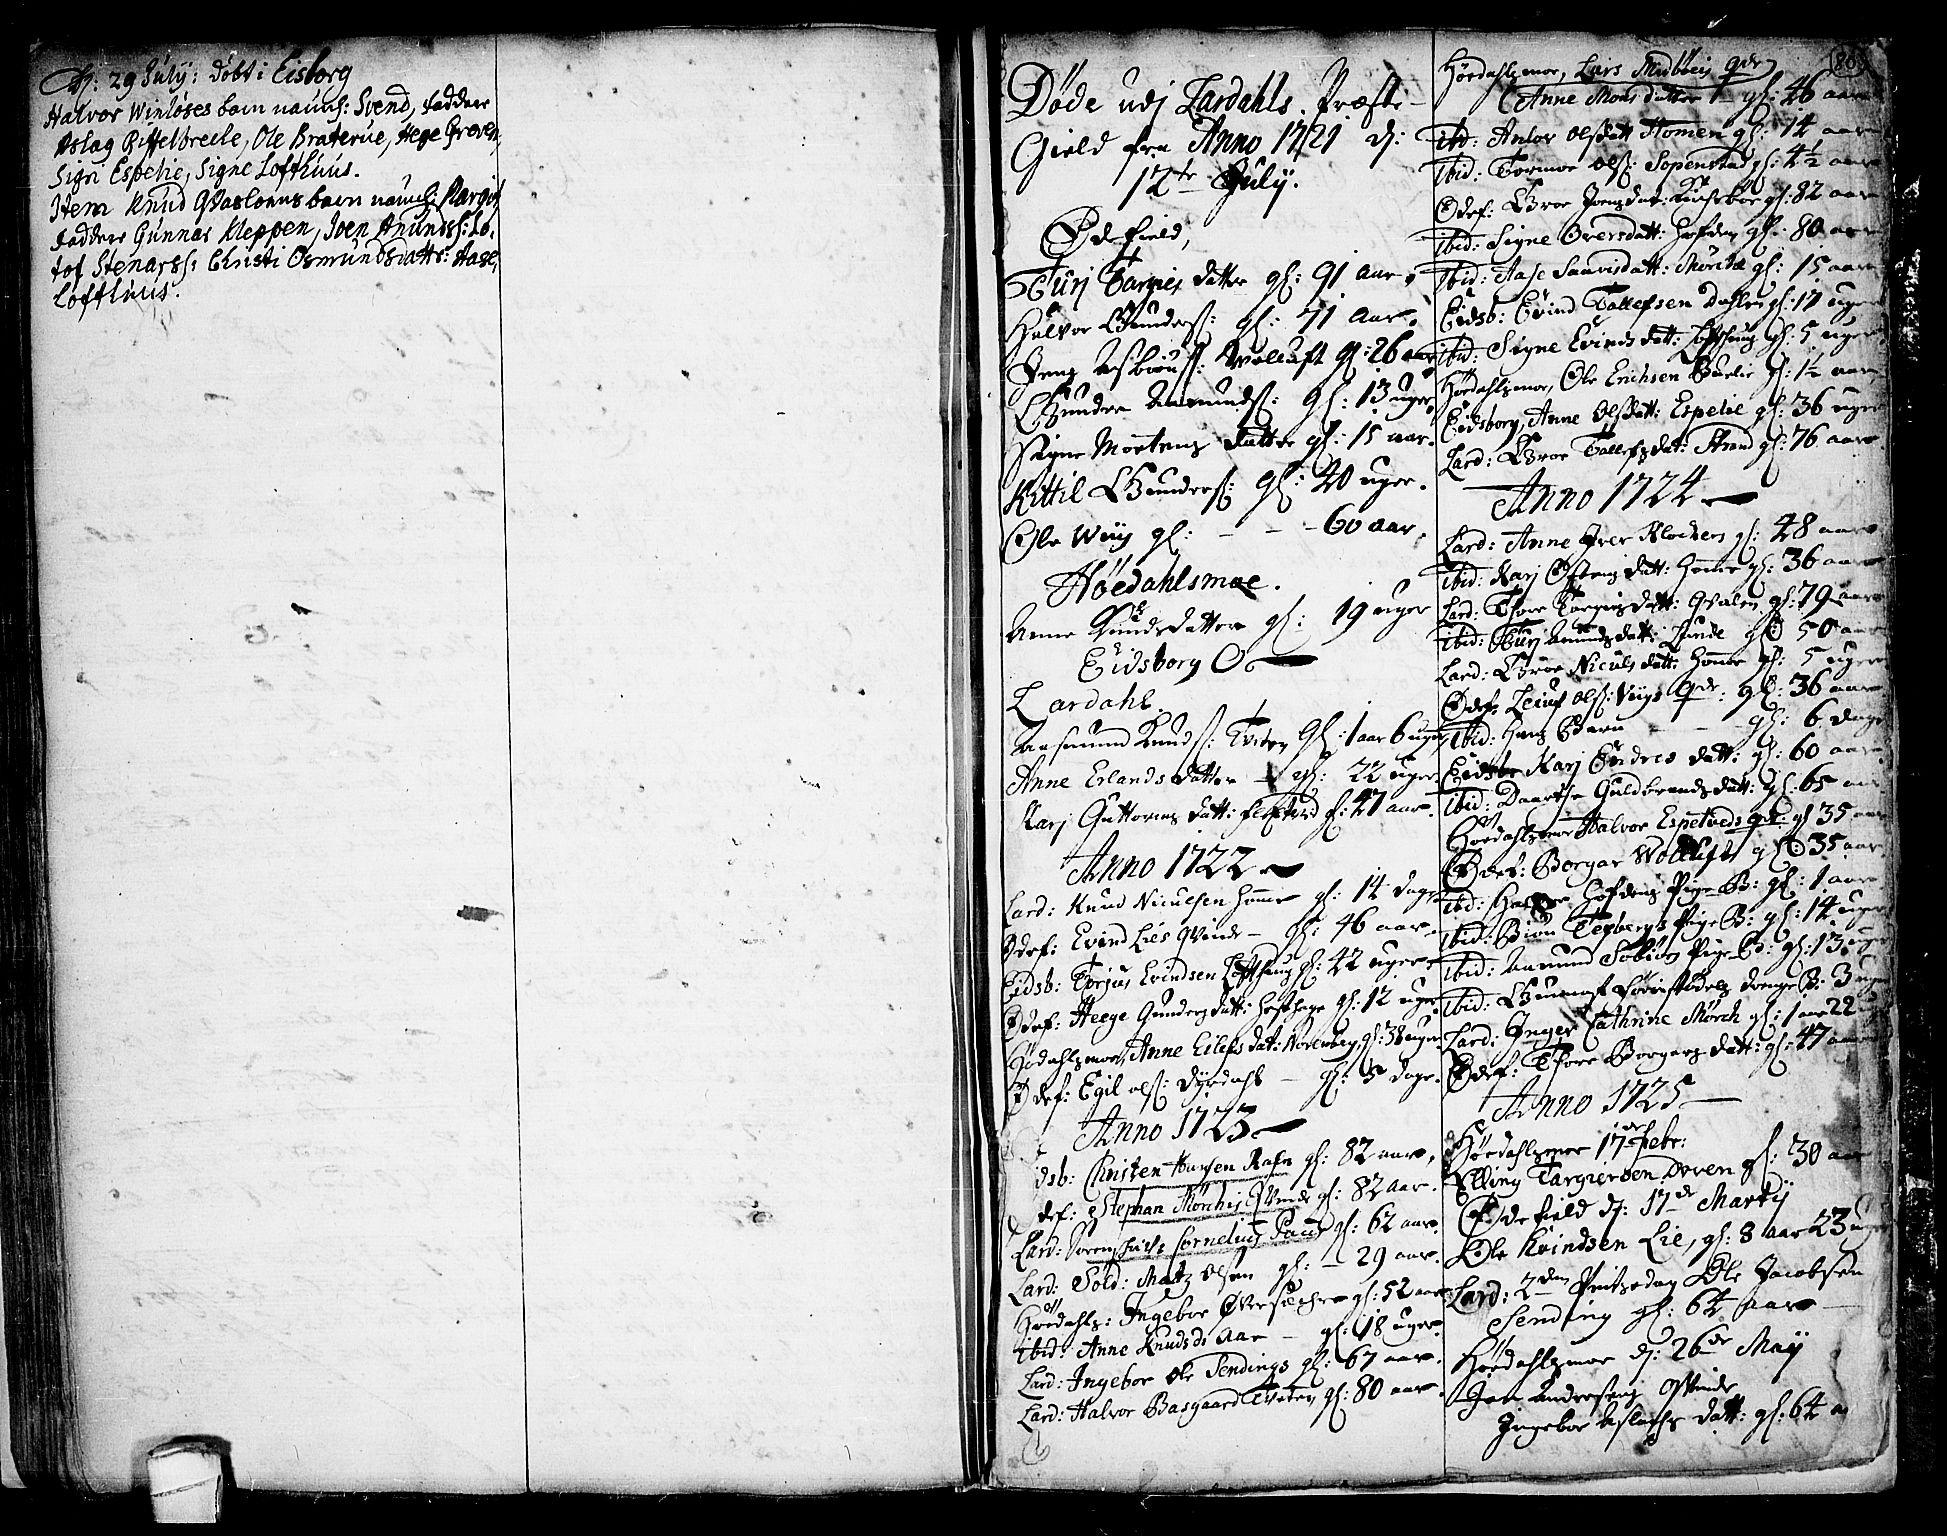 SAKO, Lårdal kirkebøker, F/Fa/L0001: Ministerialbok nr. I 1, 1721-1734, s. 80